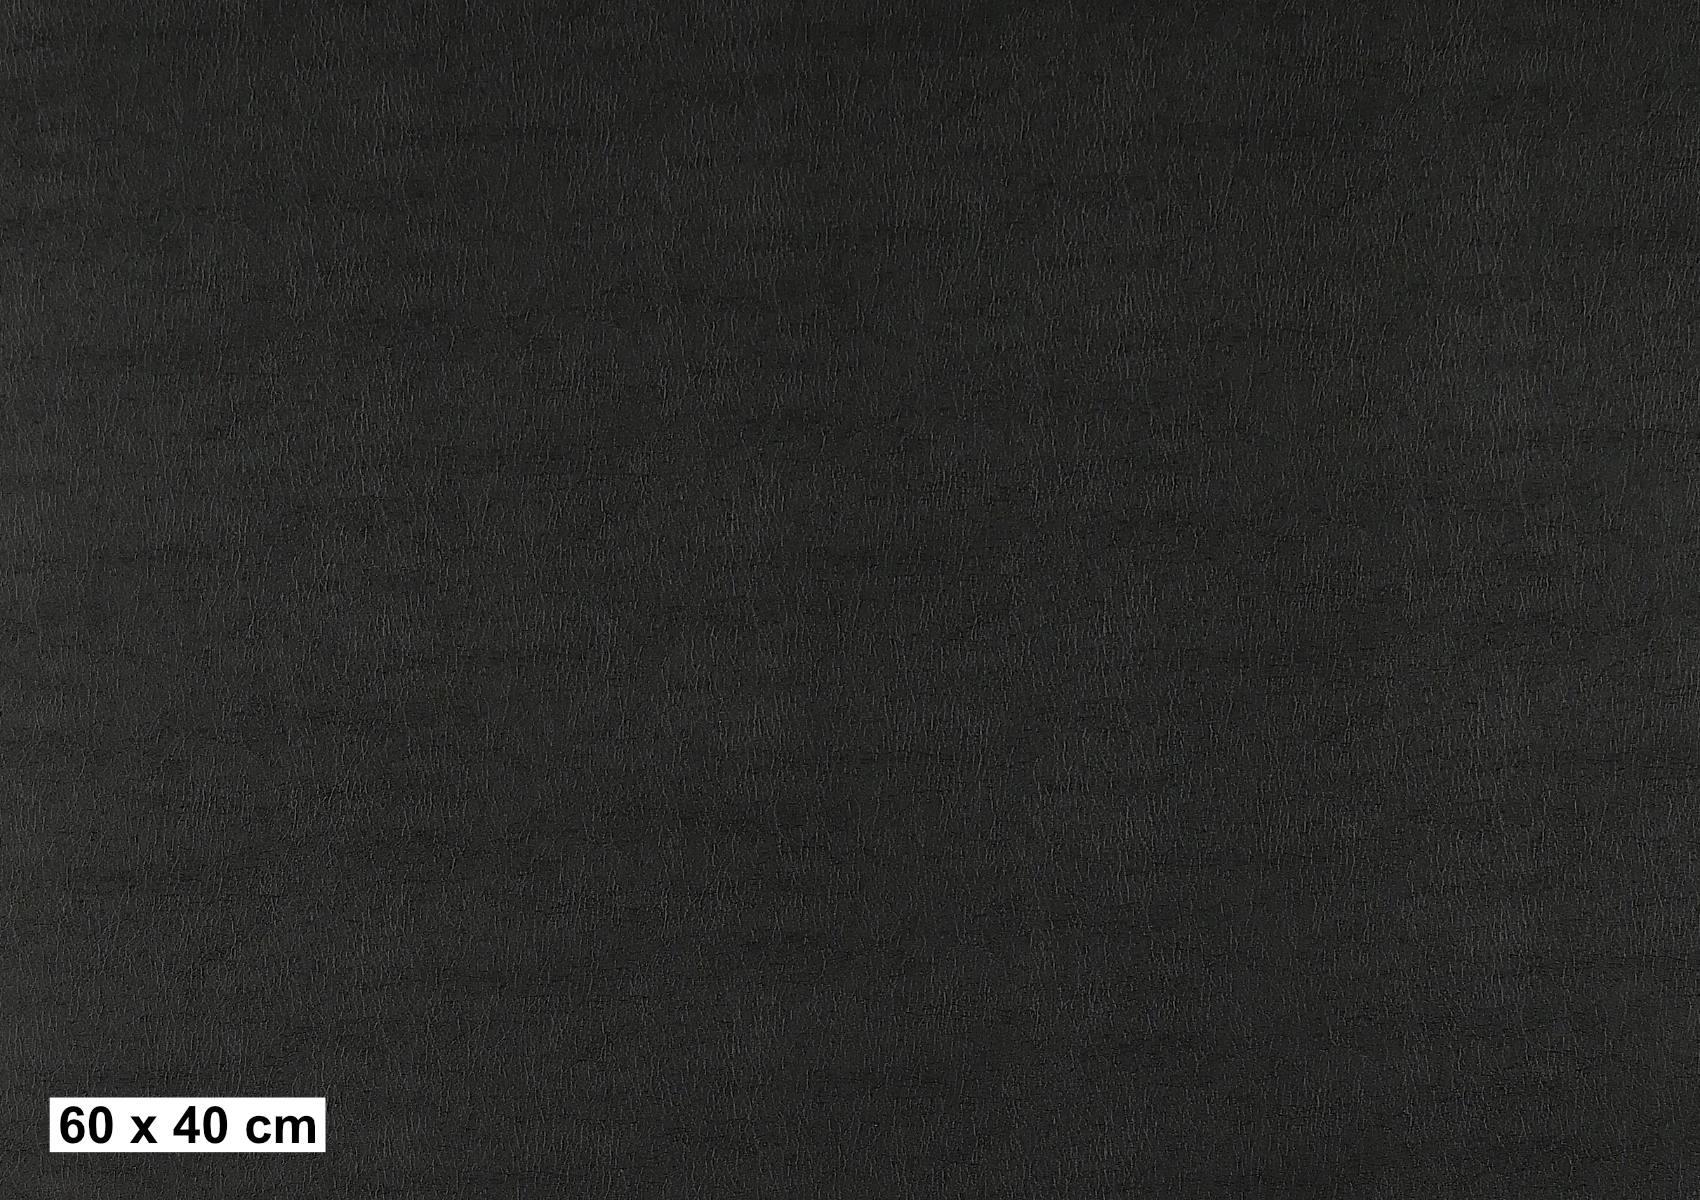 Leder schwarz L507